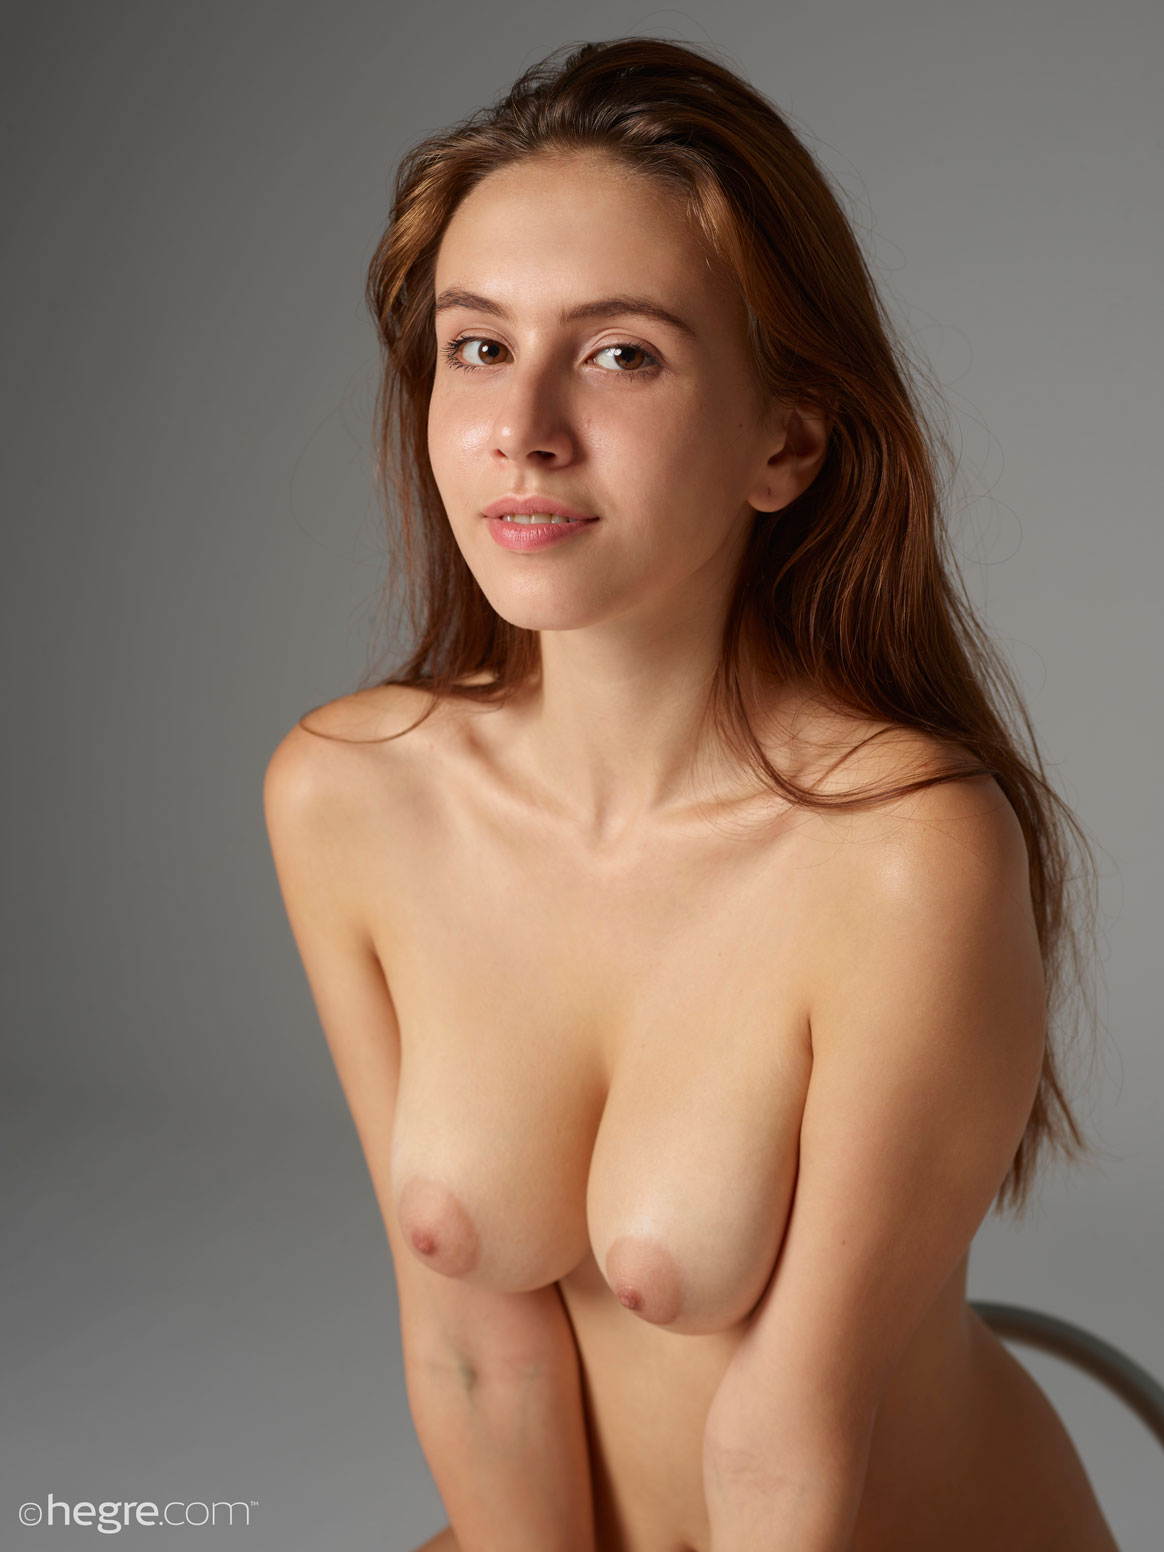 Tiny Cup Tits | Hot Girl HD Wallpaper